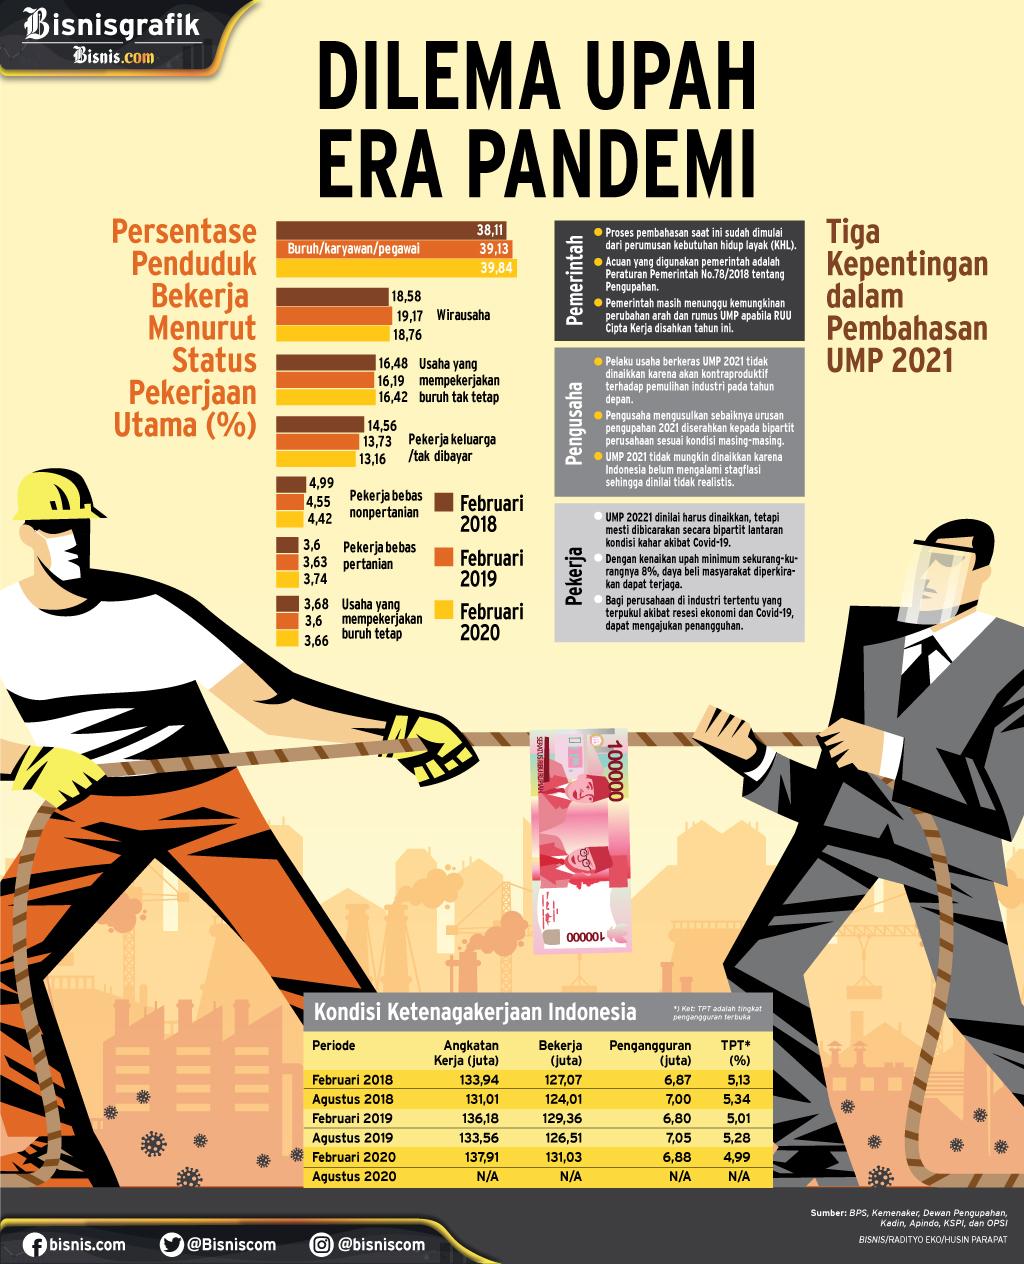 UPAH MINIMUM 2021 : Dilema Upah Era Pandemi